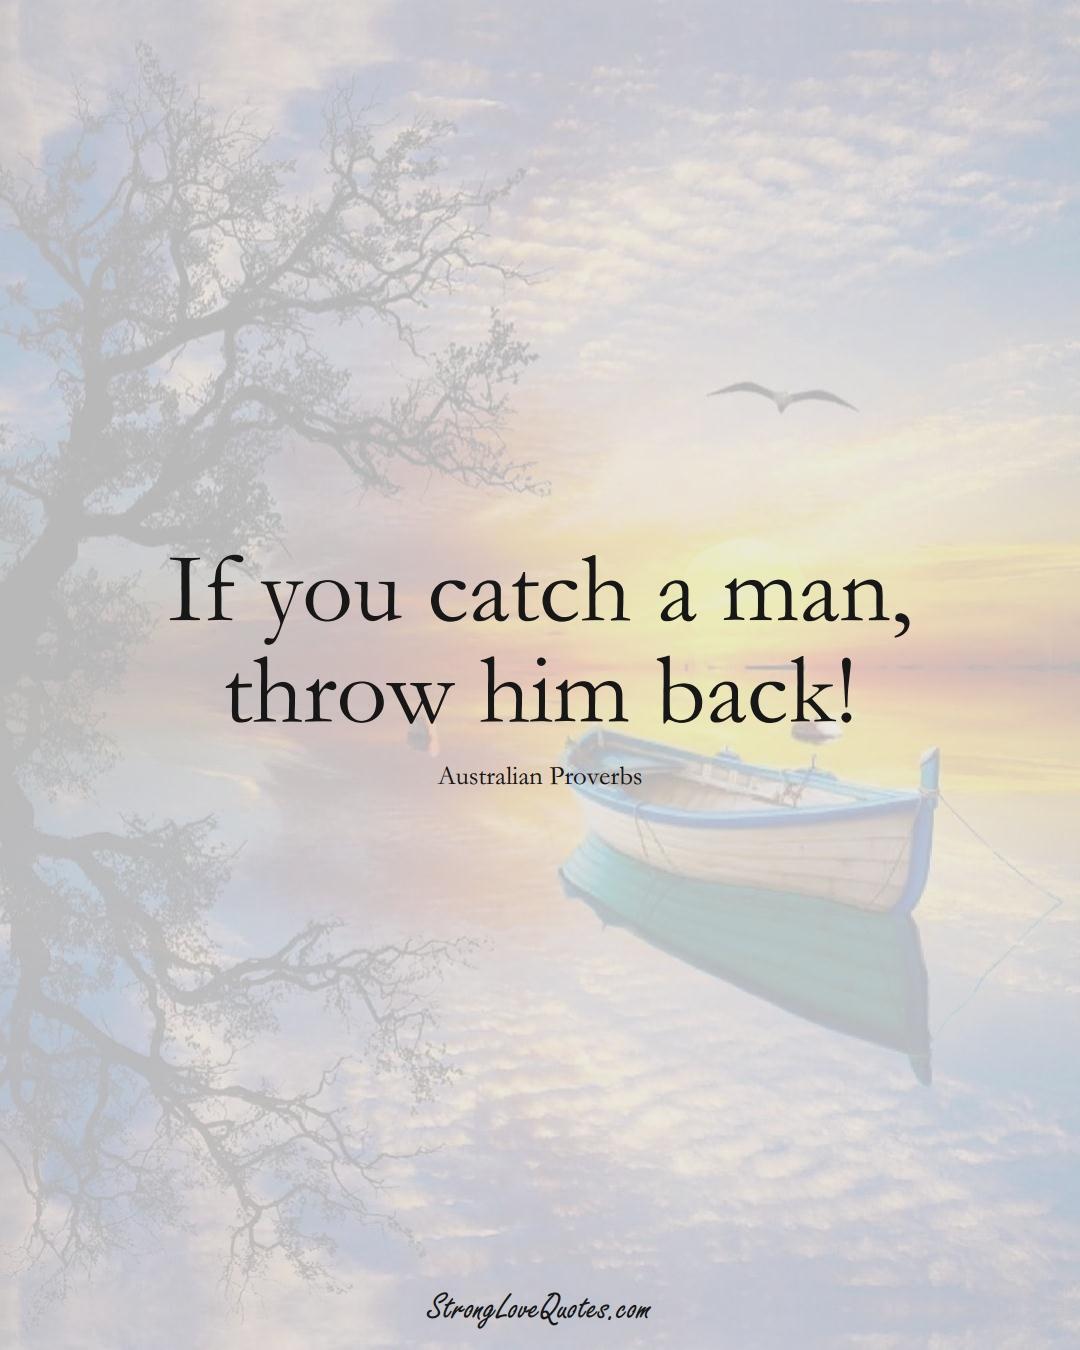 If you catch a man, throw him back! (Australian Sayings);  #AustralianSayings